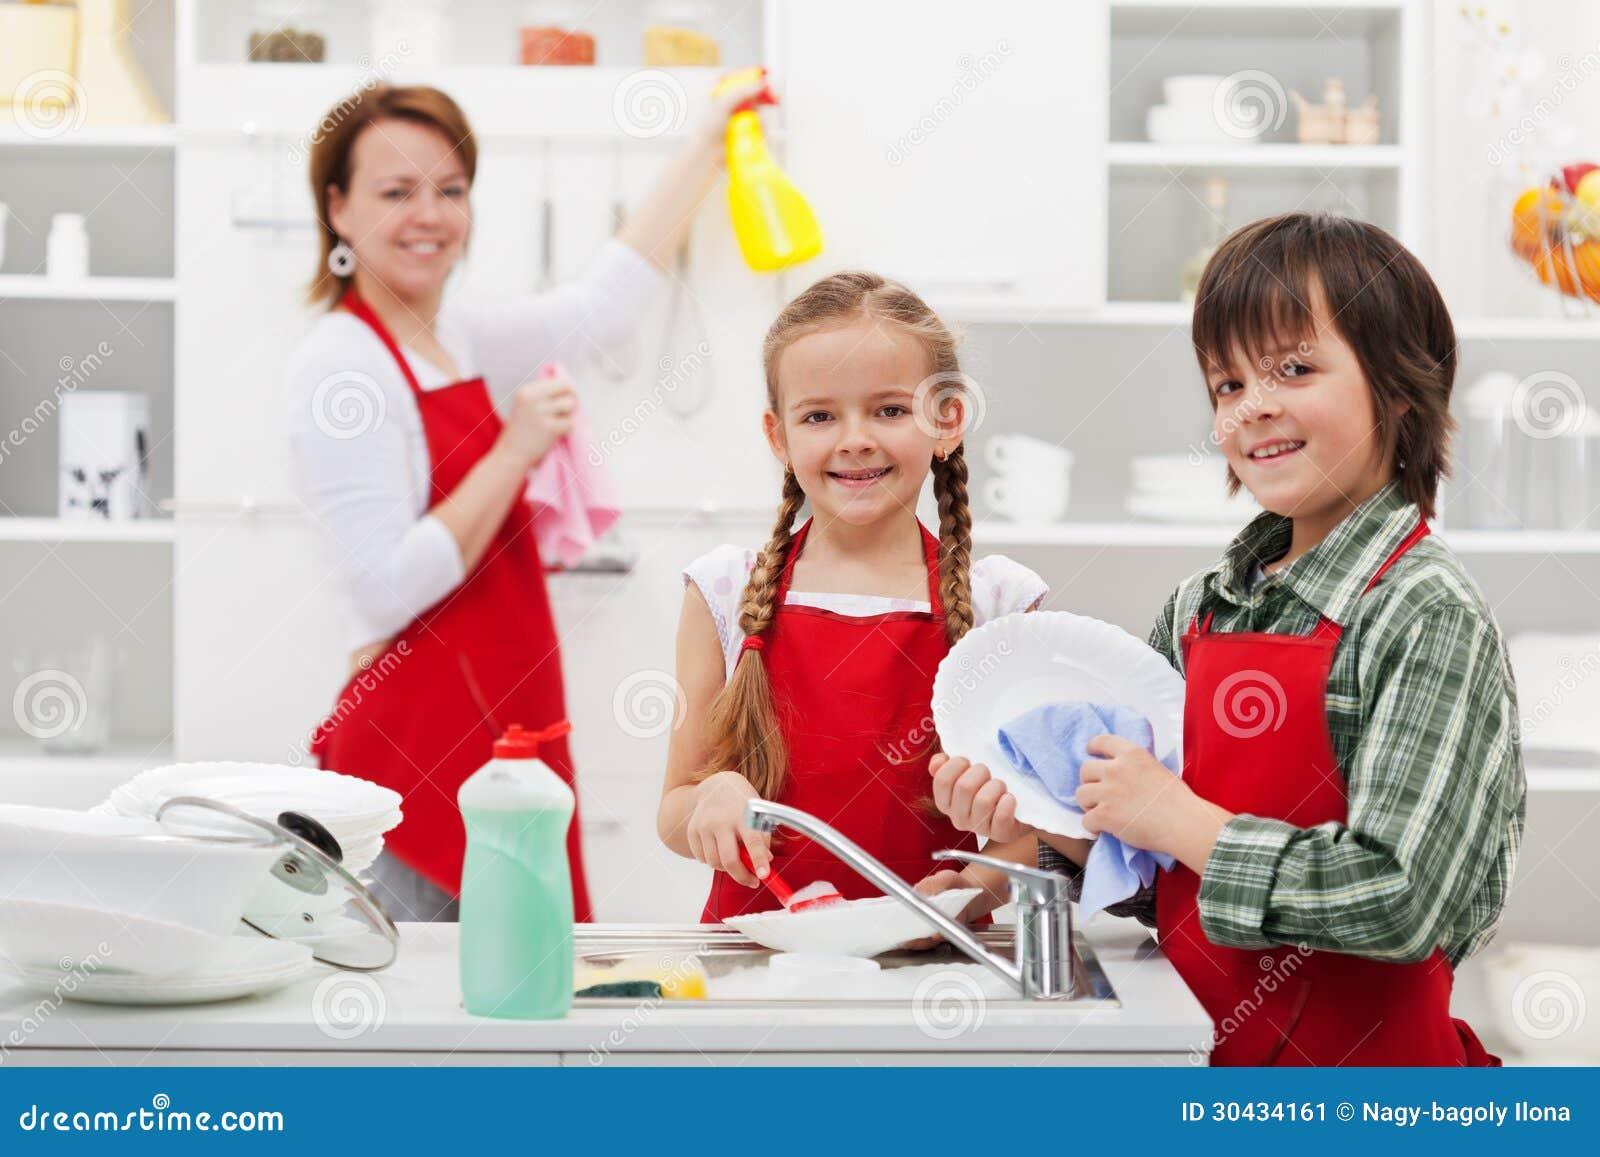 El Spring cleaning en la cocina